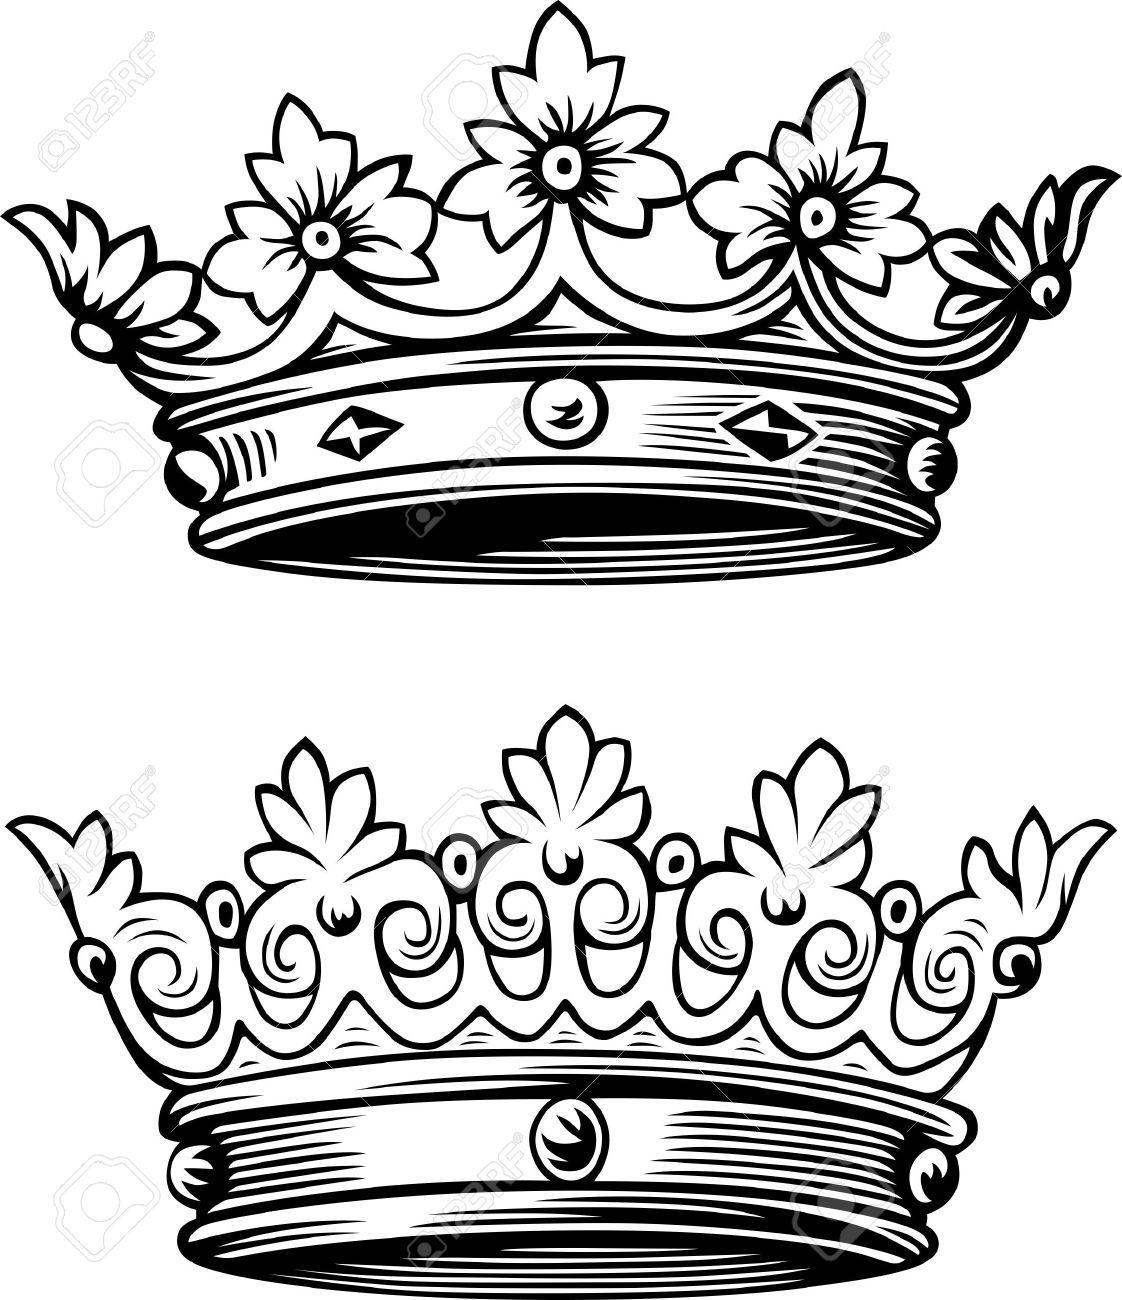 1122x1300 Resultado De Imagen Para Coronas Rey Y Reina Tatuajes